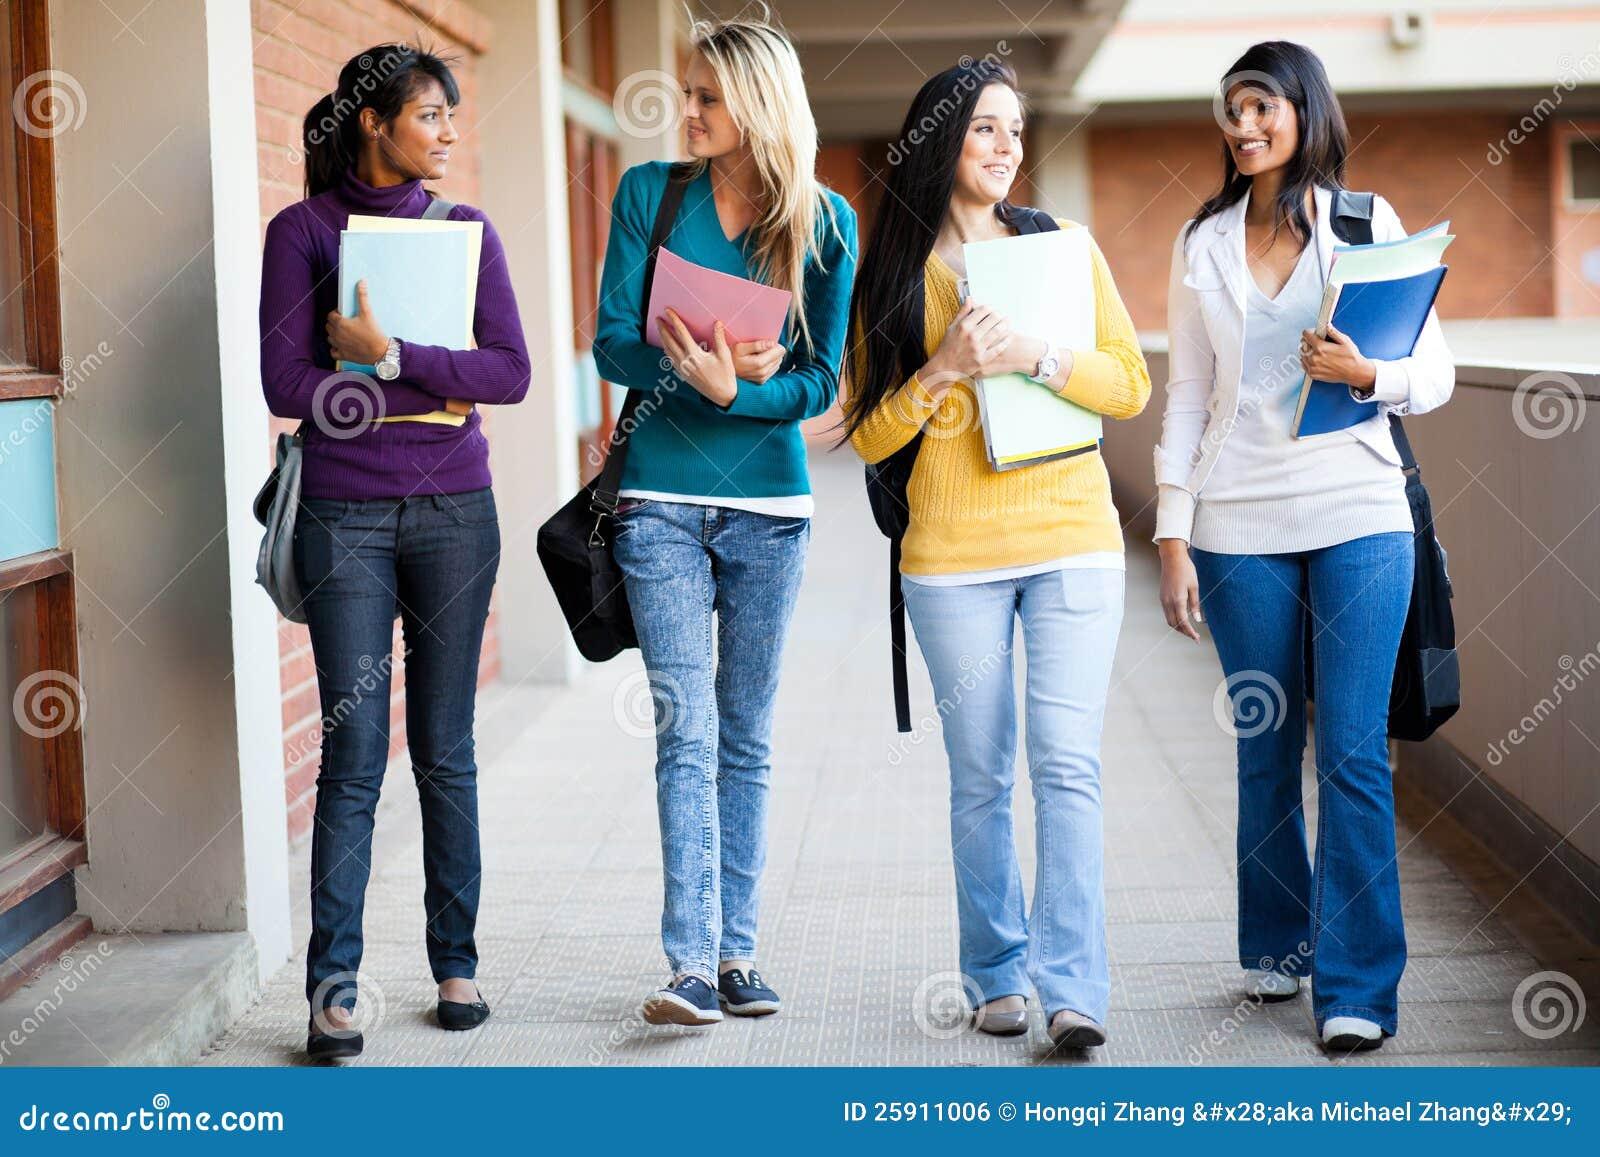 Студенточки в колледже 1 фотография